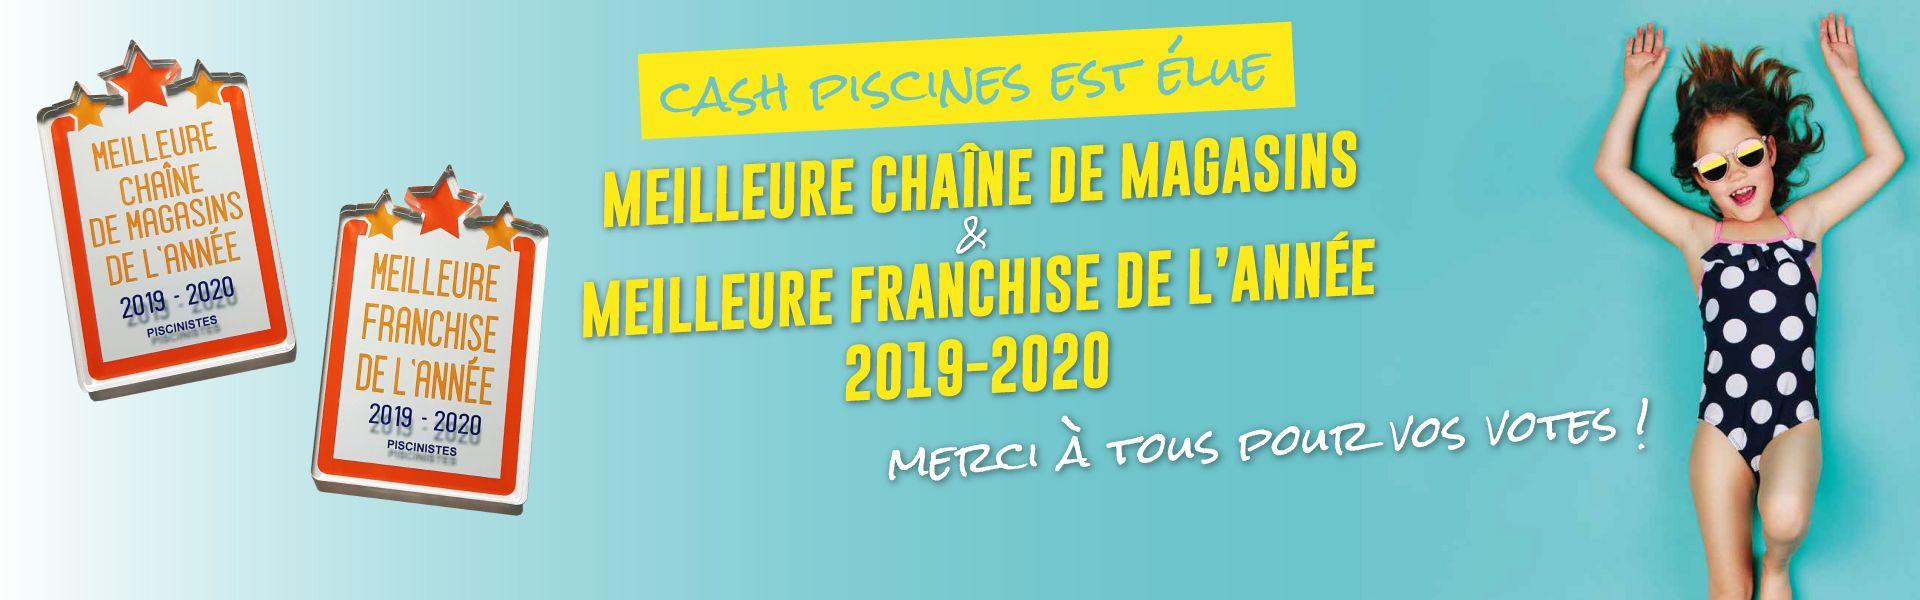 Cash Piscines - Tout Pour La Piscine & Spas Gonflables ... encequiconcerne Cash Piscine Beziers